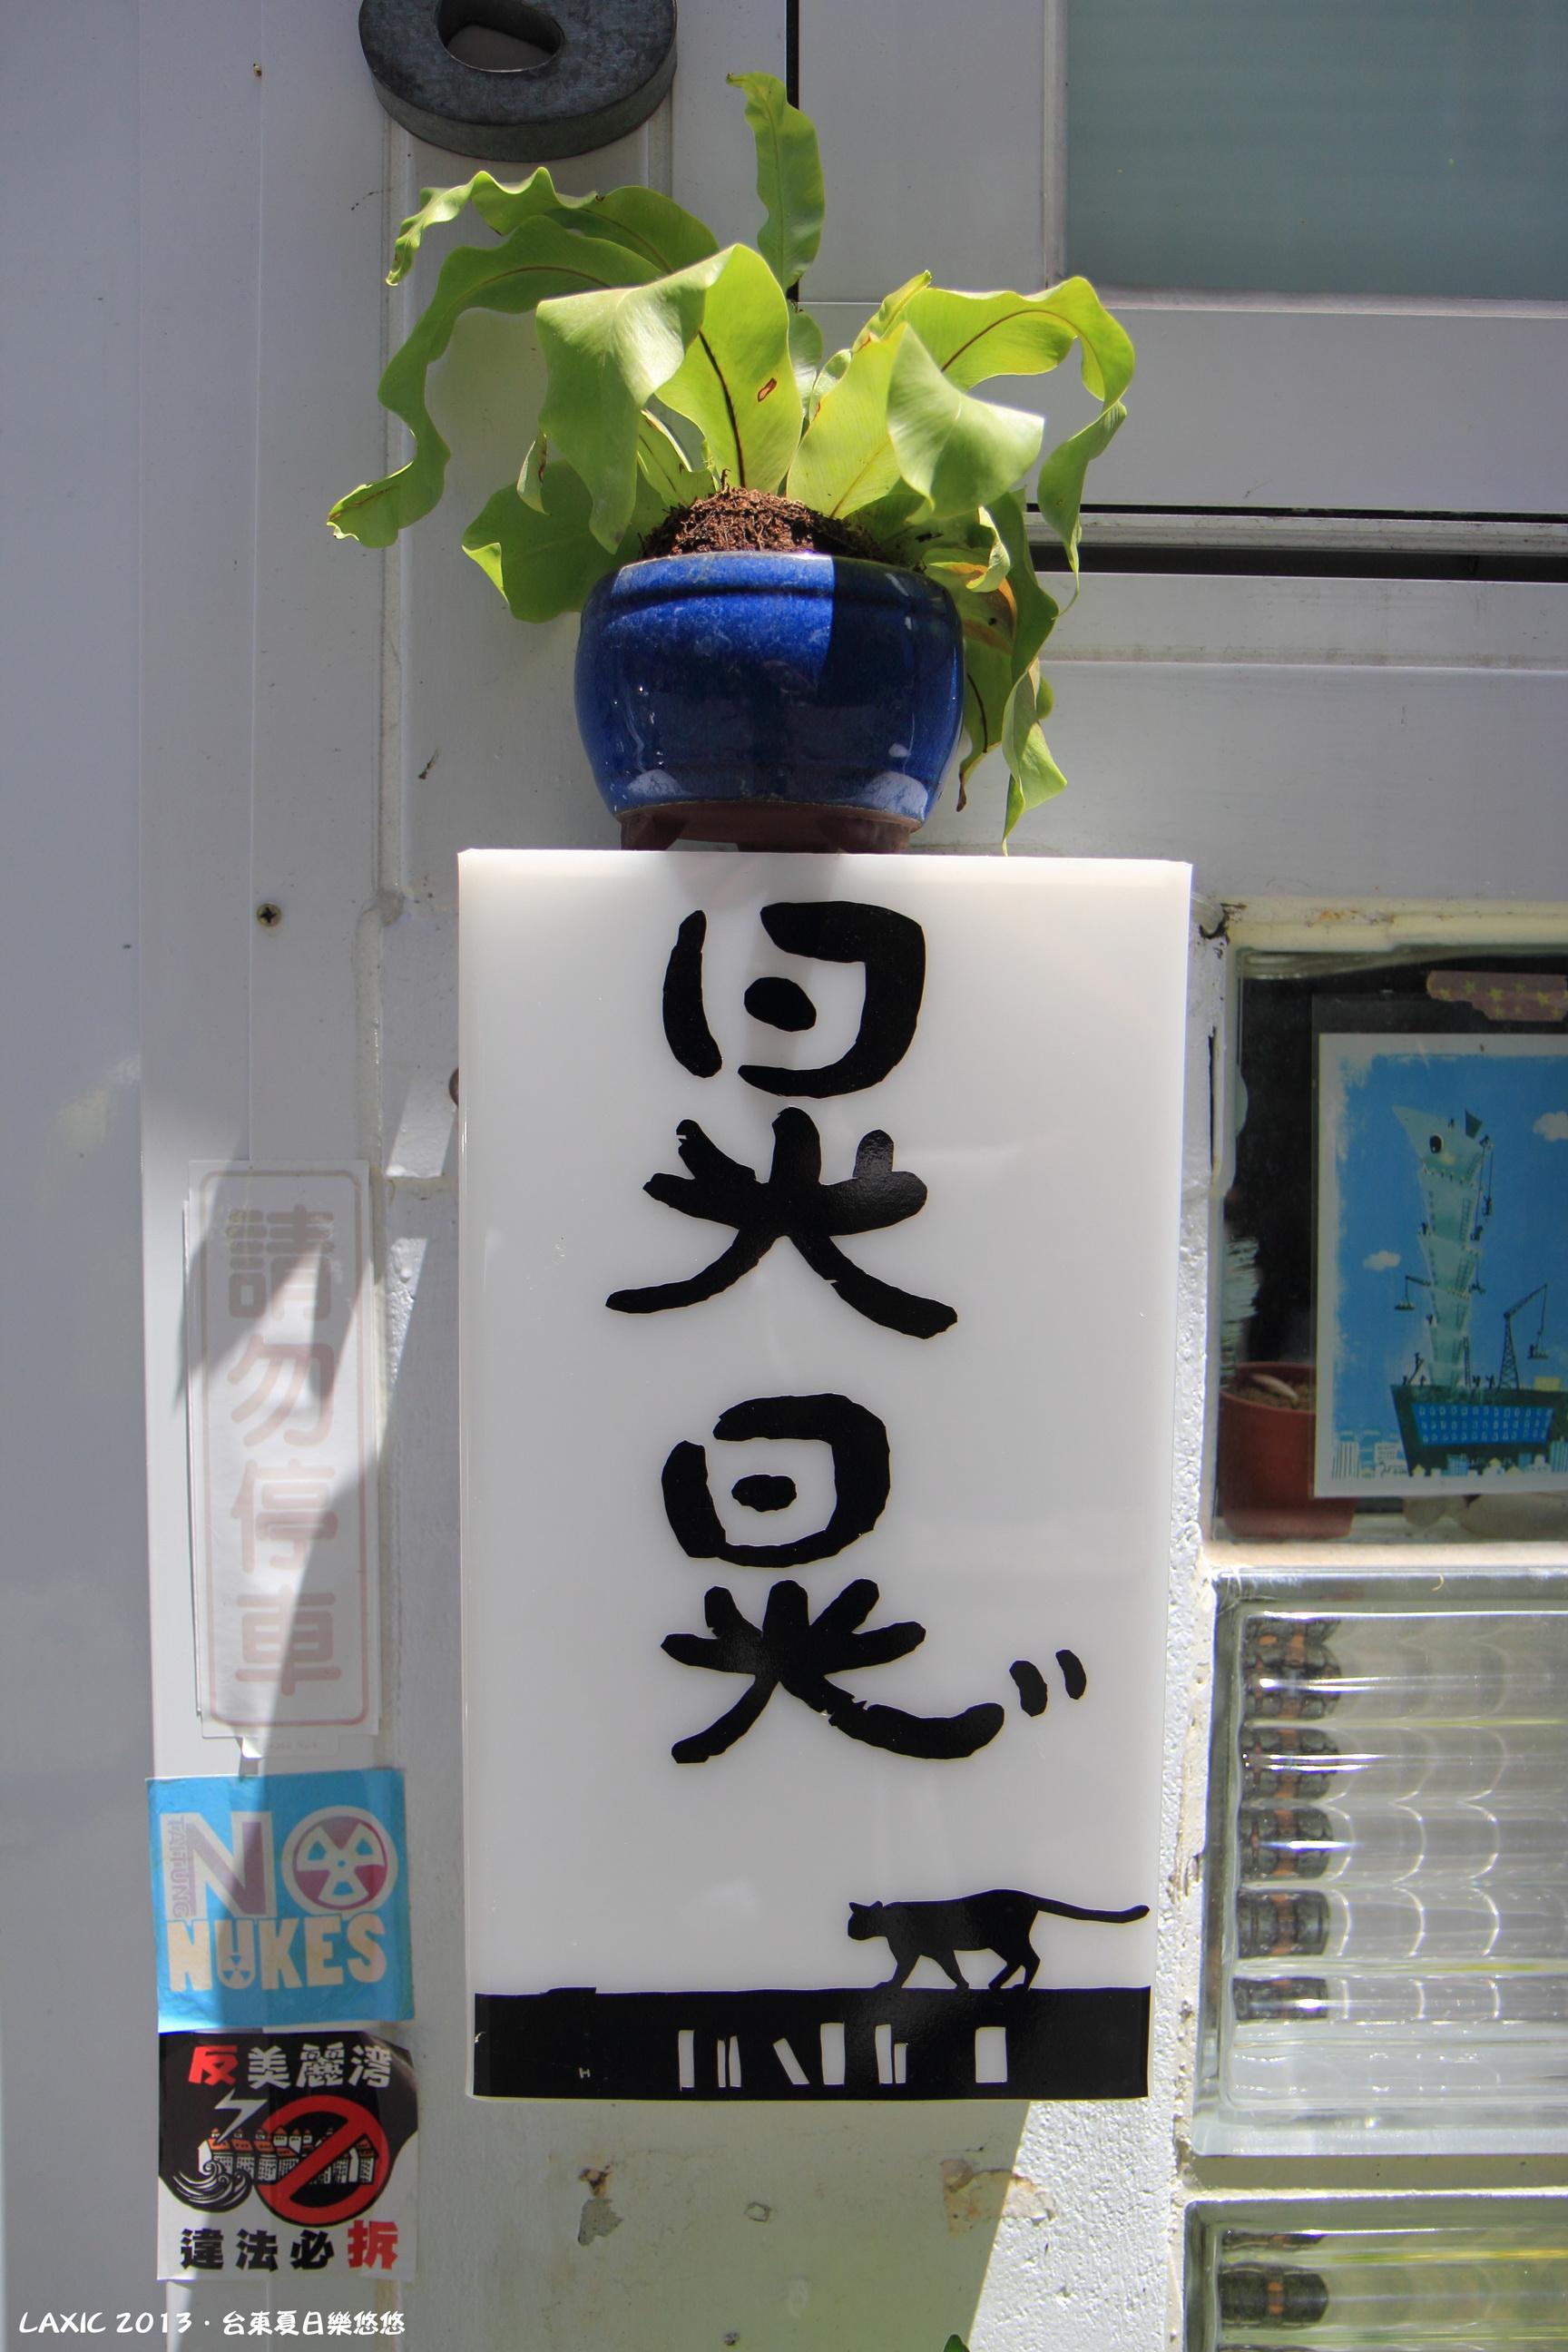 2013.06 台東夏日樂悠悠